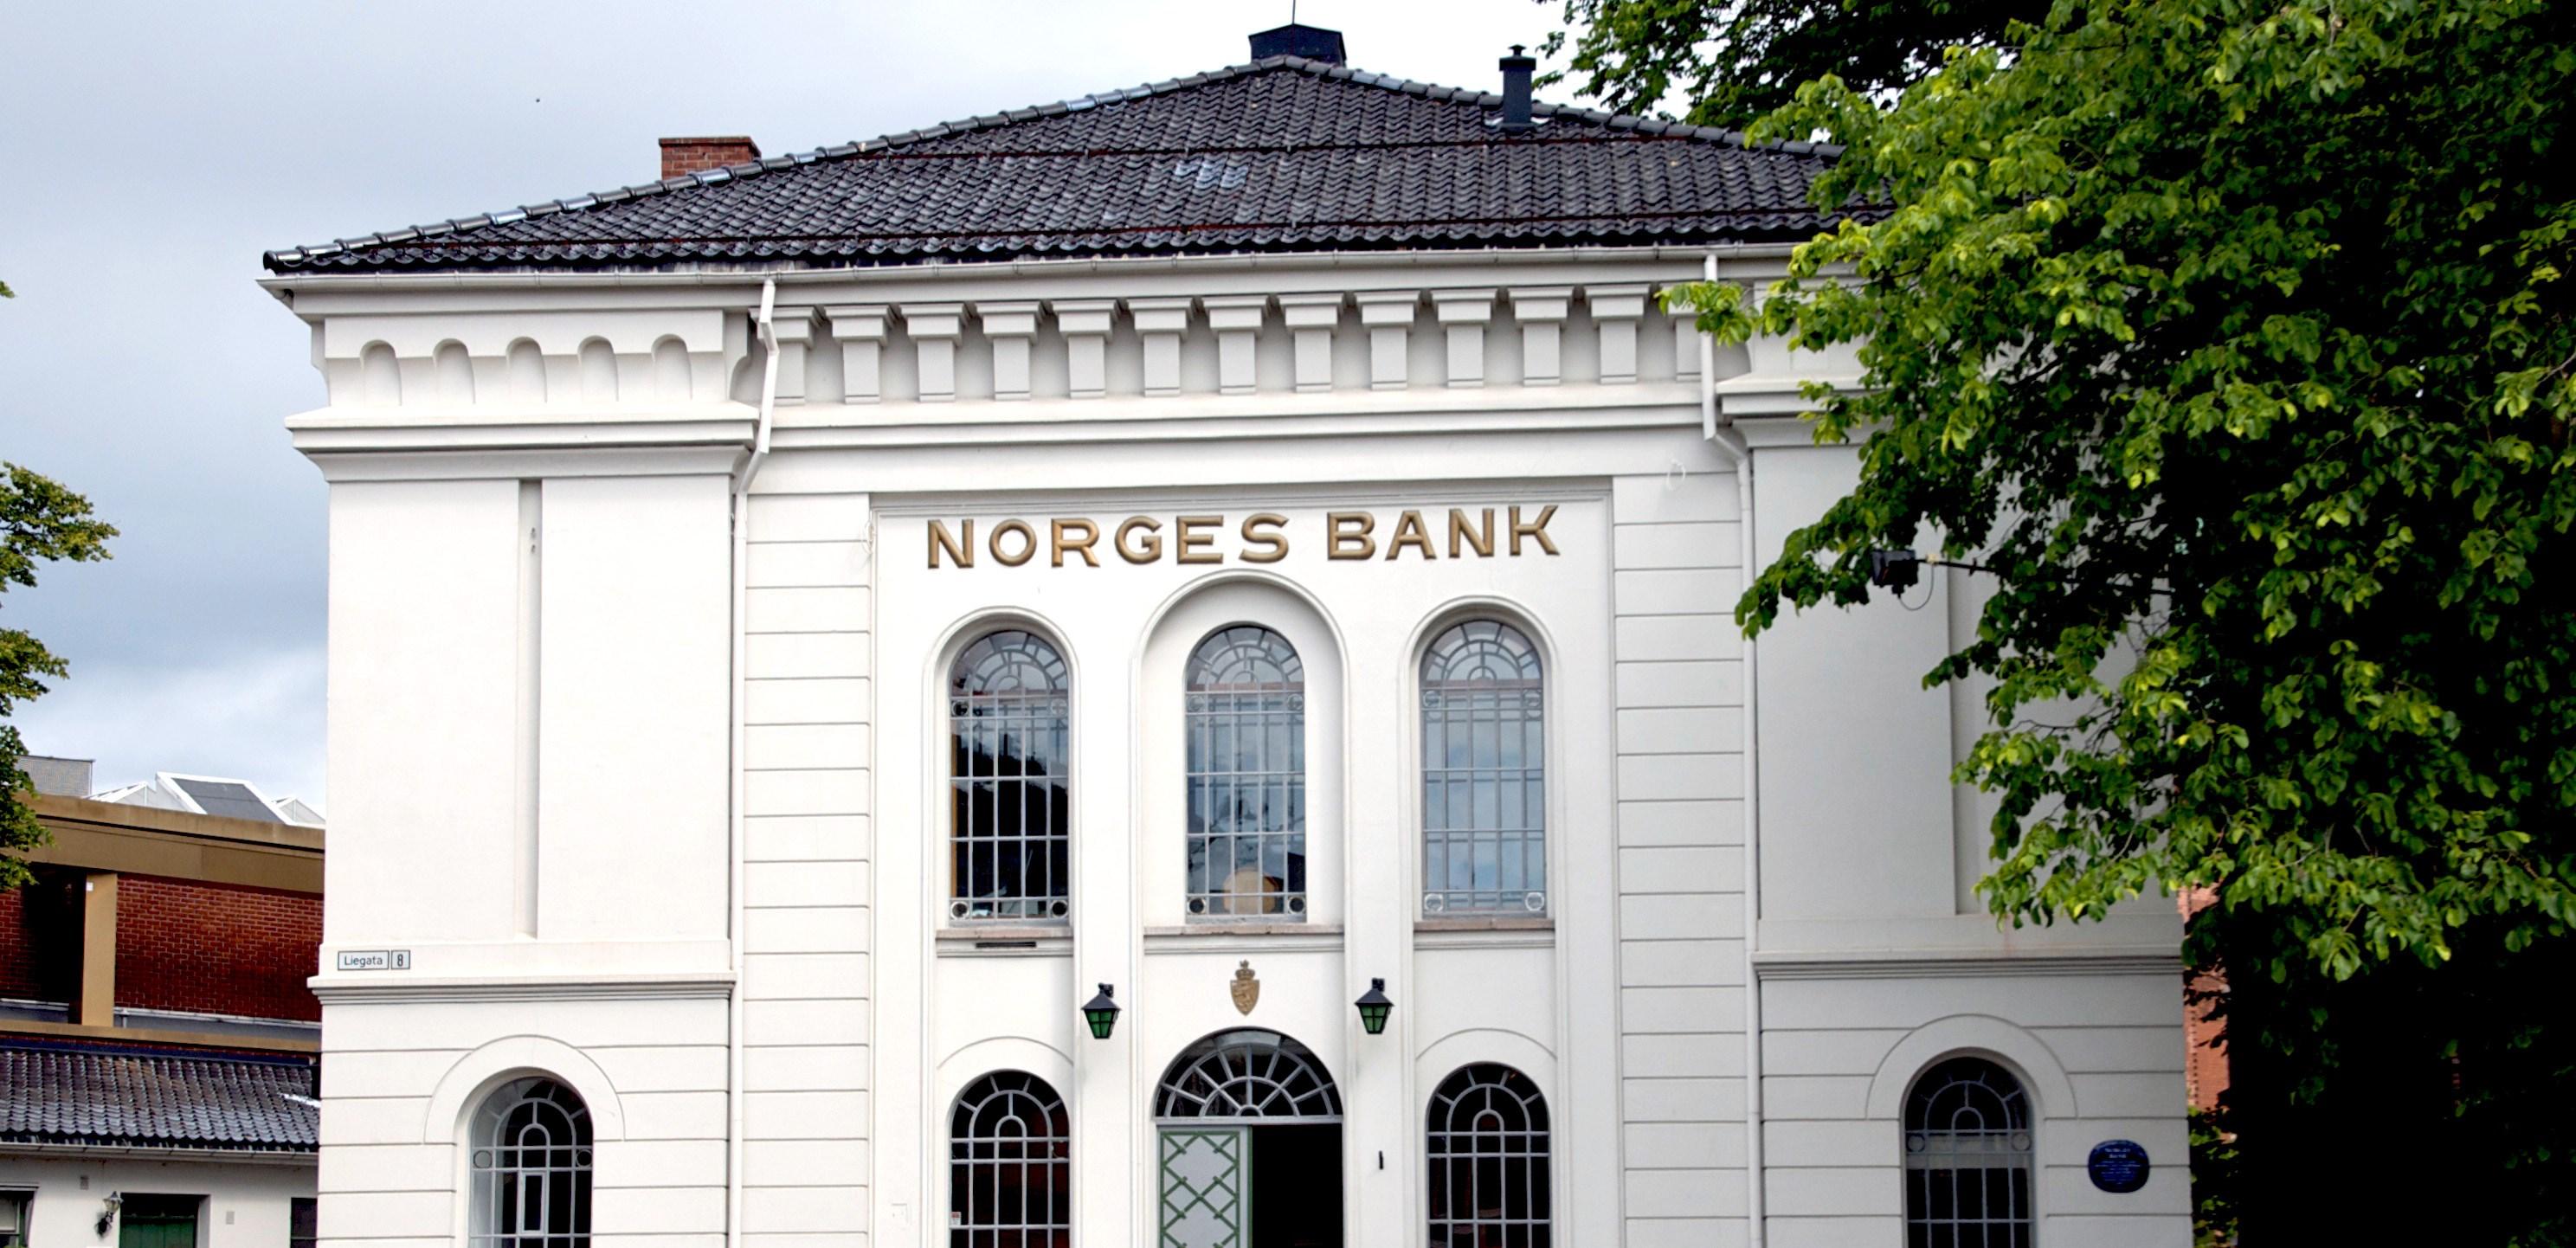 b986fc23 Utvalget motiverer dette forslaget ved å påpeke at Norges Banks sentrale  oppgaver og ekspertise ligger innenfor